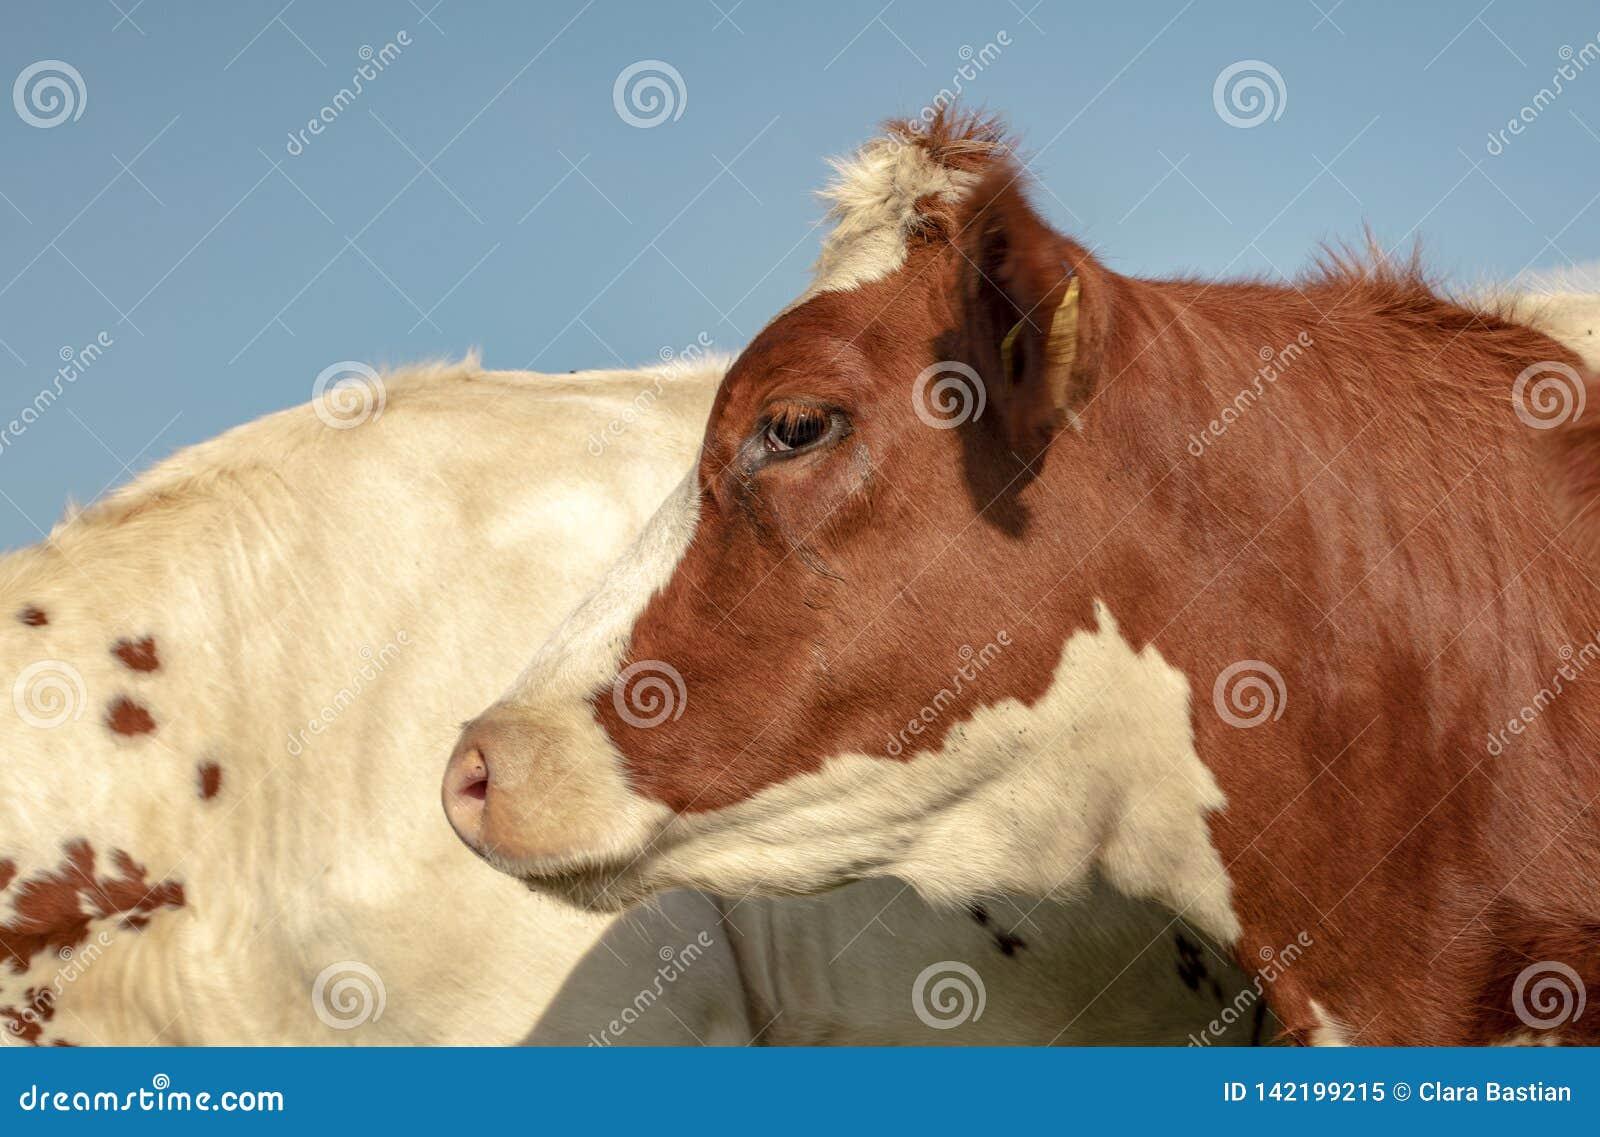 Fim do perfil acima de uma vaca vermelha e branca nova, com topete, e um fundo azul